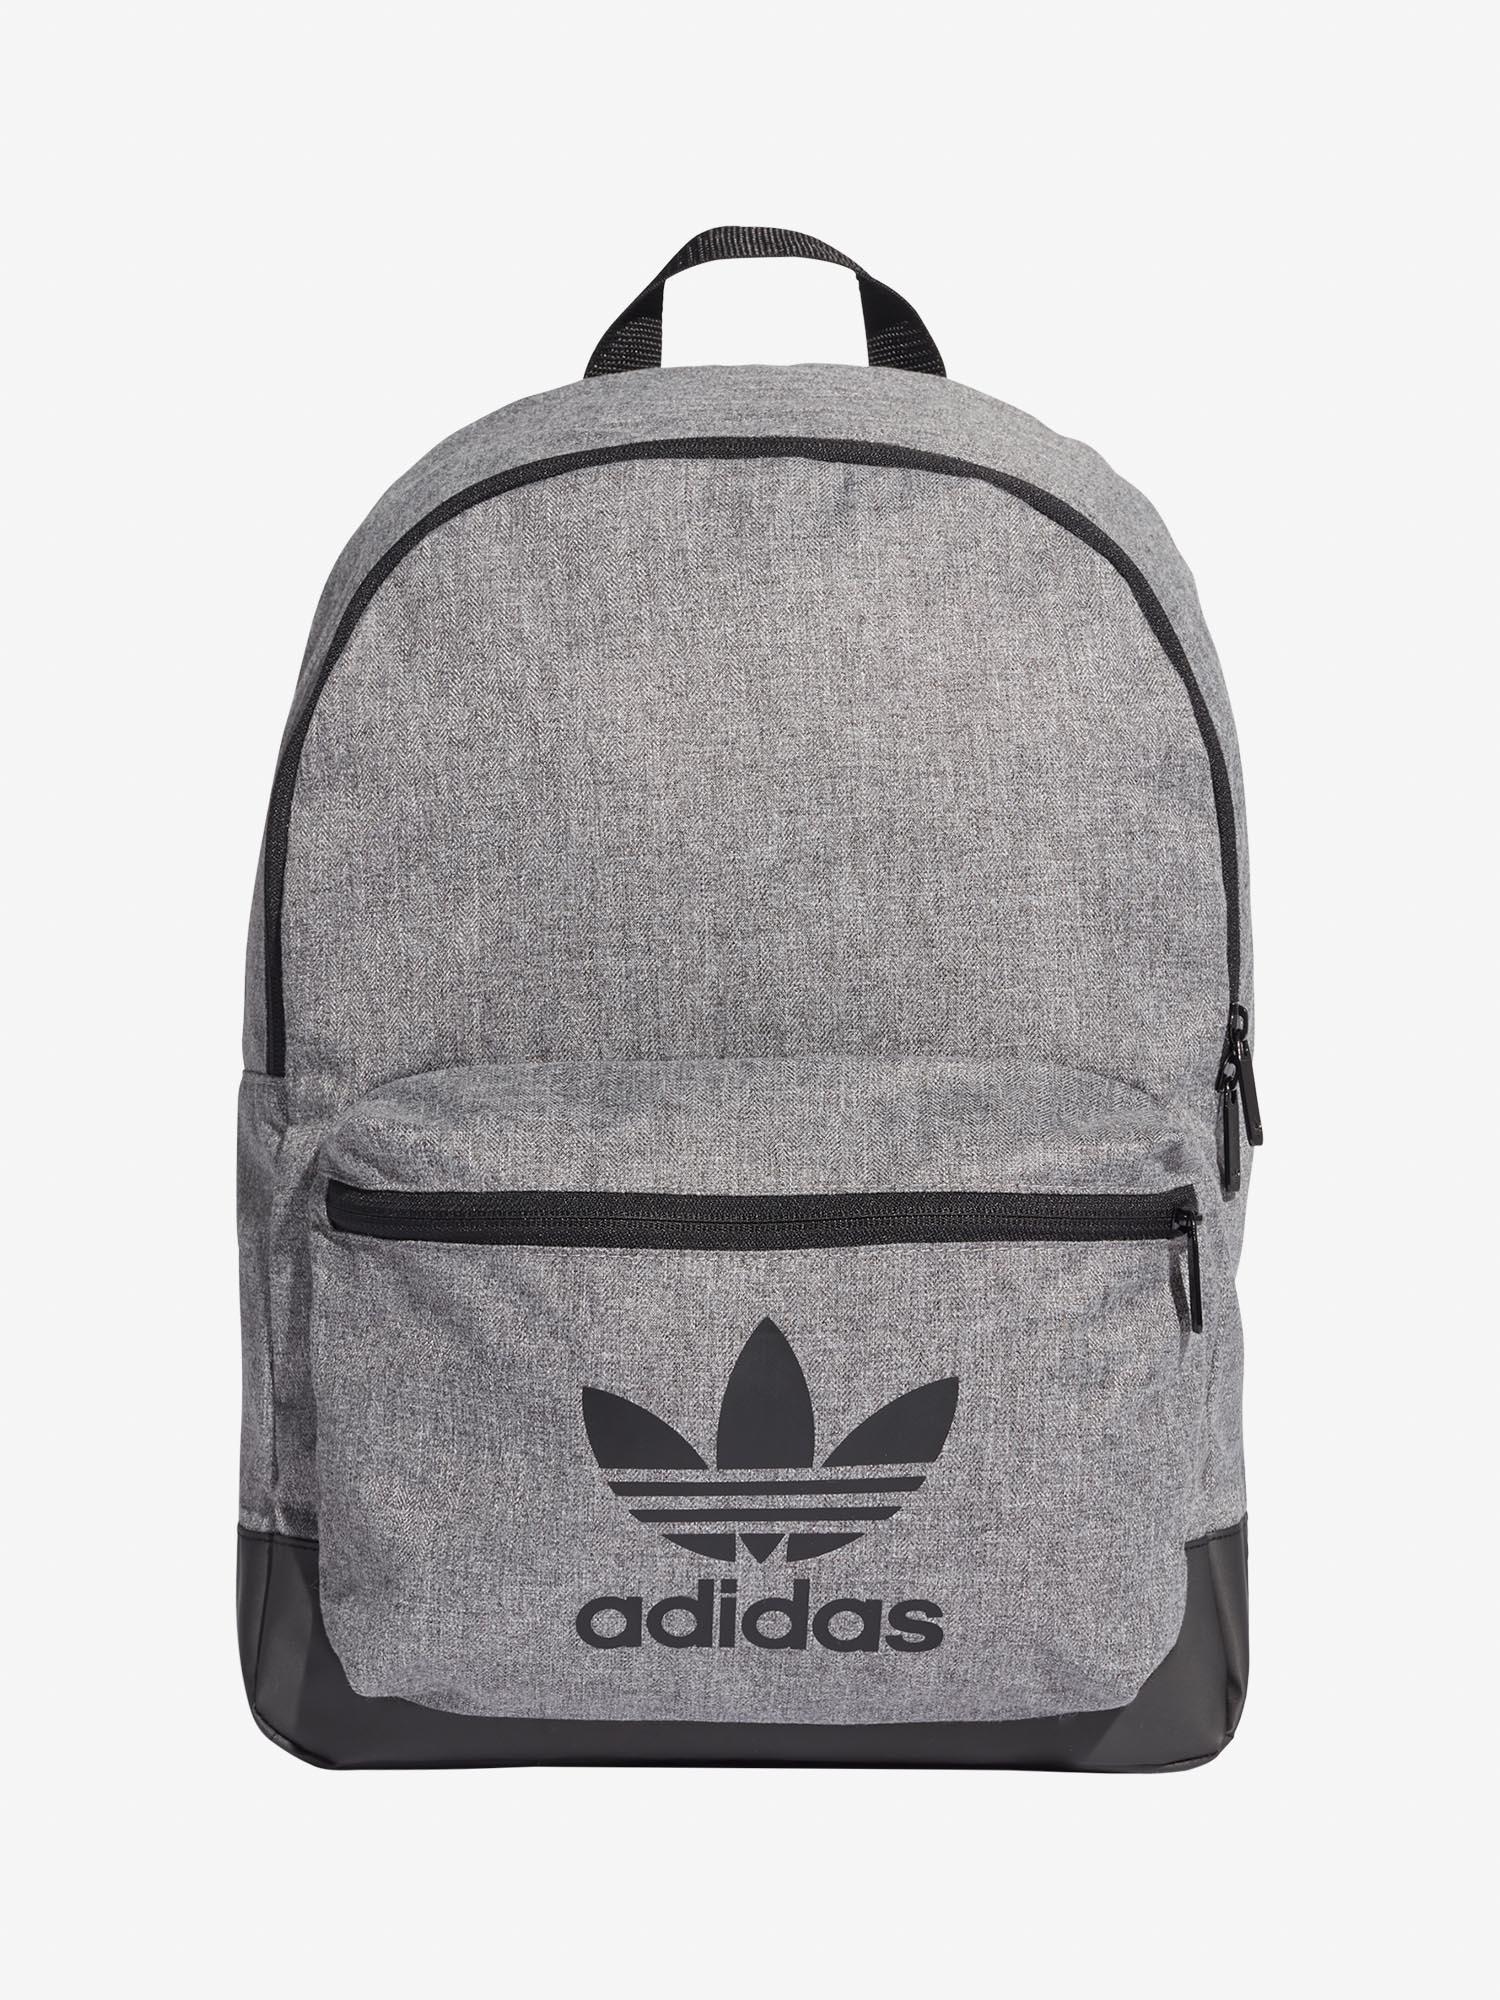 Adidas Originals Mel Classic Bp Backpack